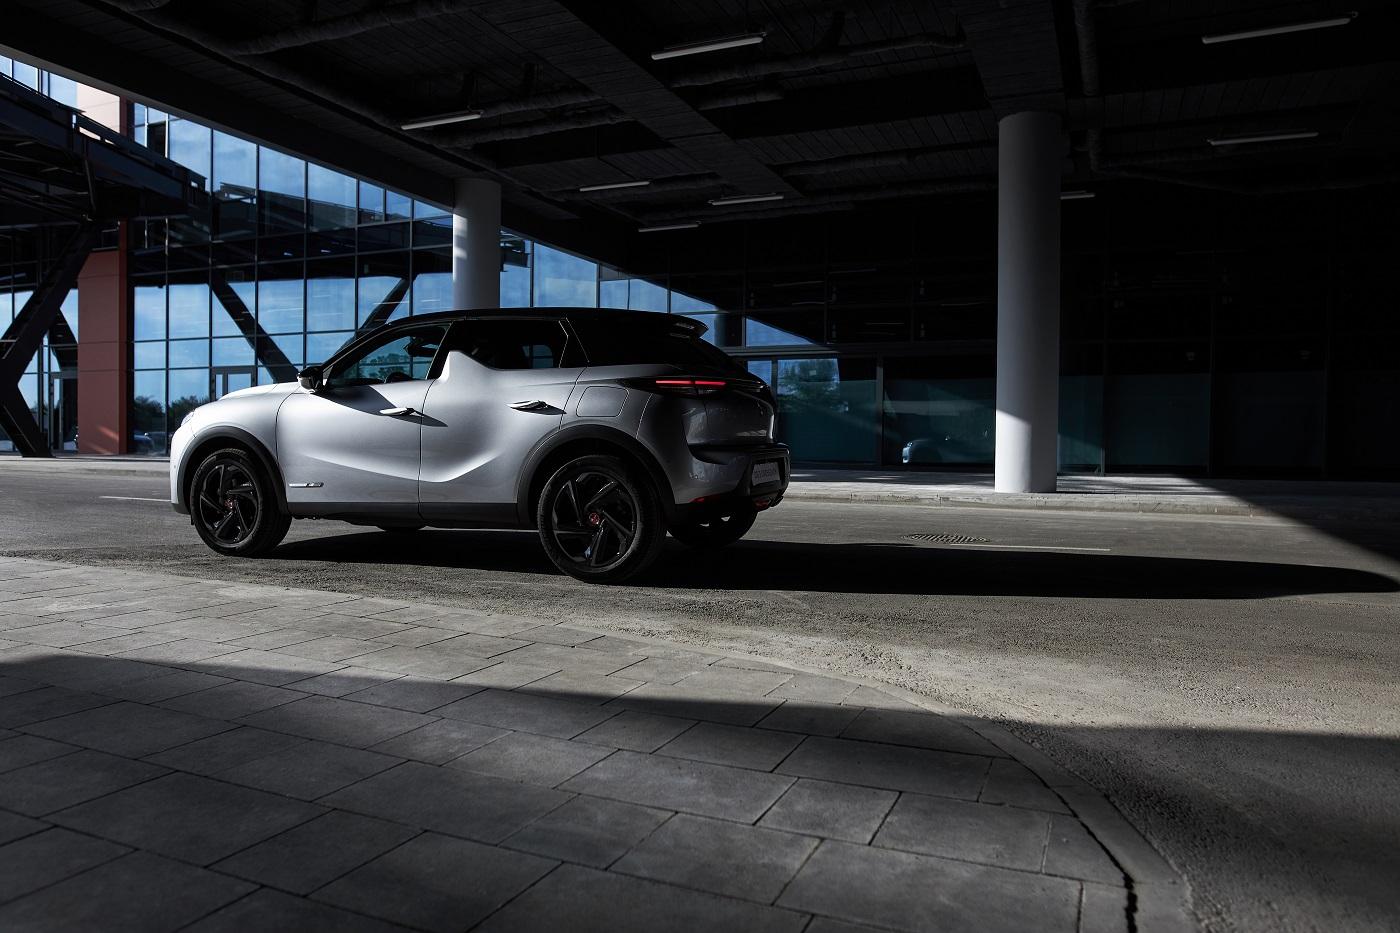 Икона стиля «Хай-Тек» Suv Ds 3 Crossback претендует на престижный титул «Автомобиль года в Украине 2021»